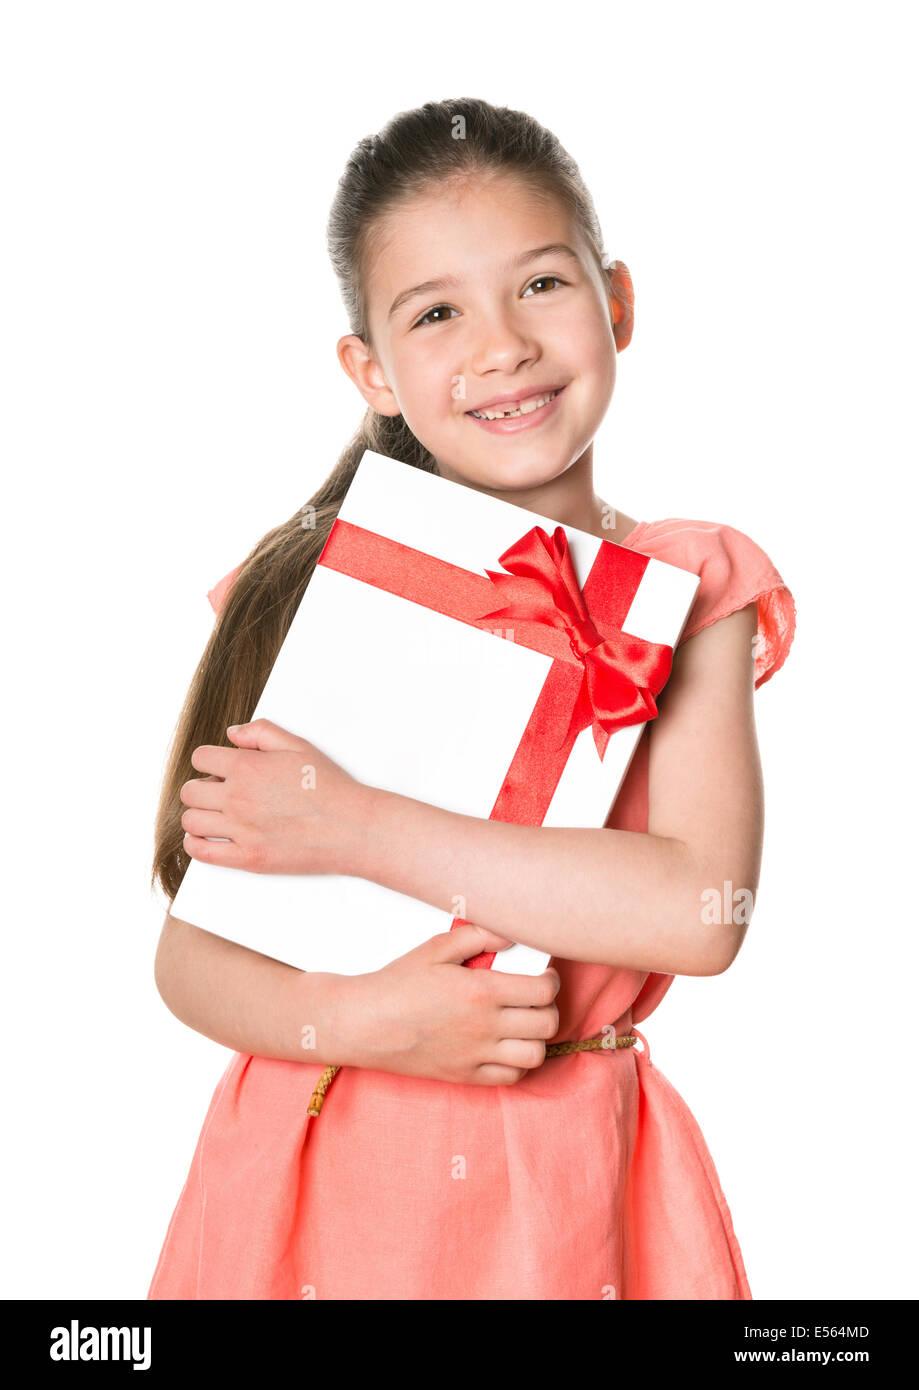 Cute sonriente niña 8-9 años de explotación en manos de cumpleaños en festivo paquete. Aislado Imagen De Stock